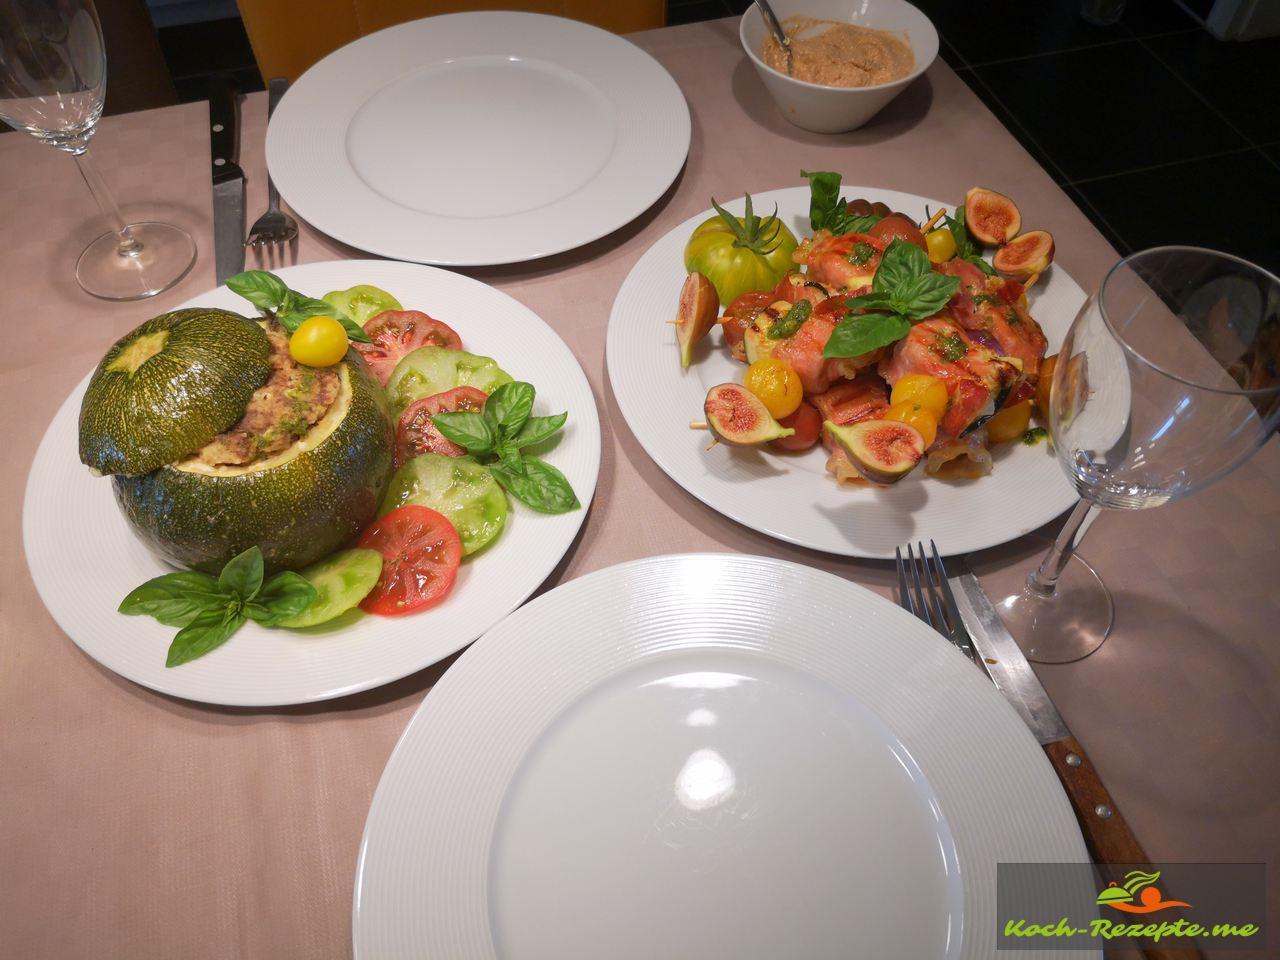 Guten Appetit mit Fertige Schinken-Zucchini-Käse Päckchen